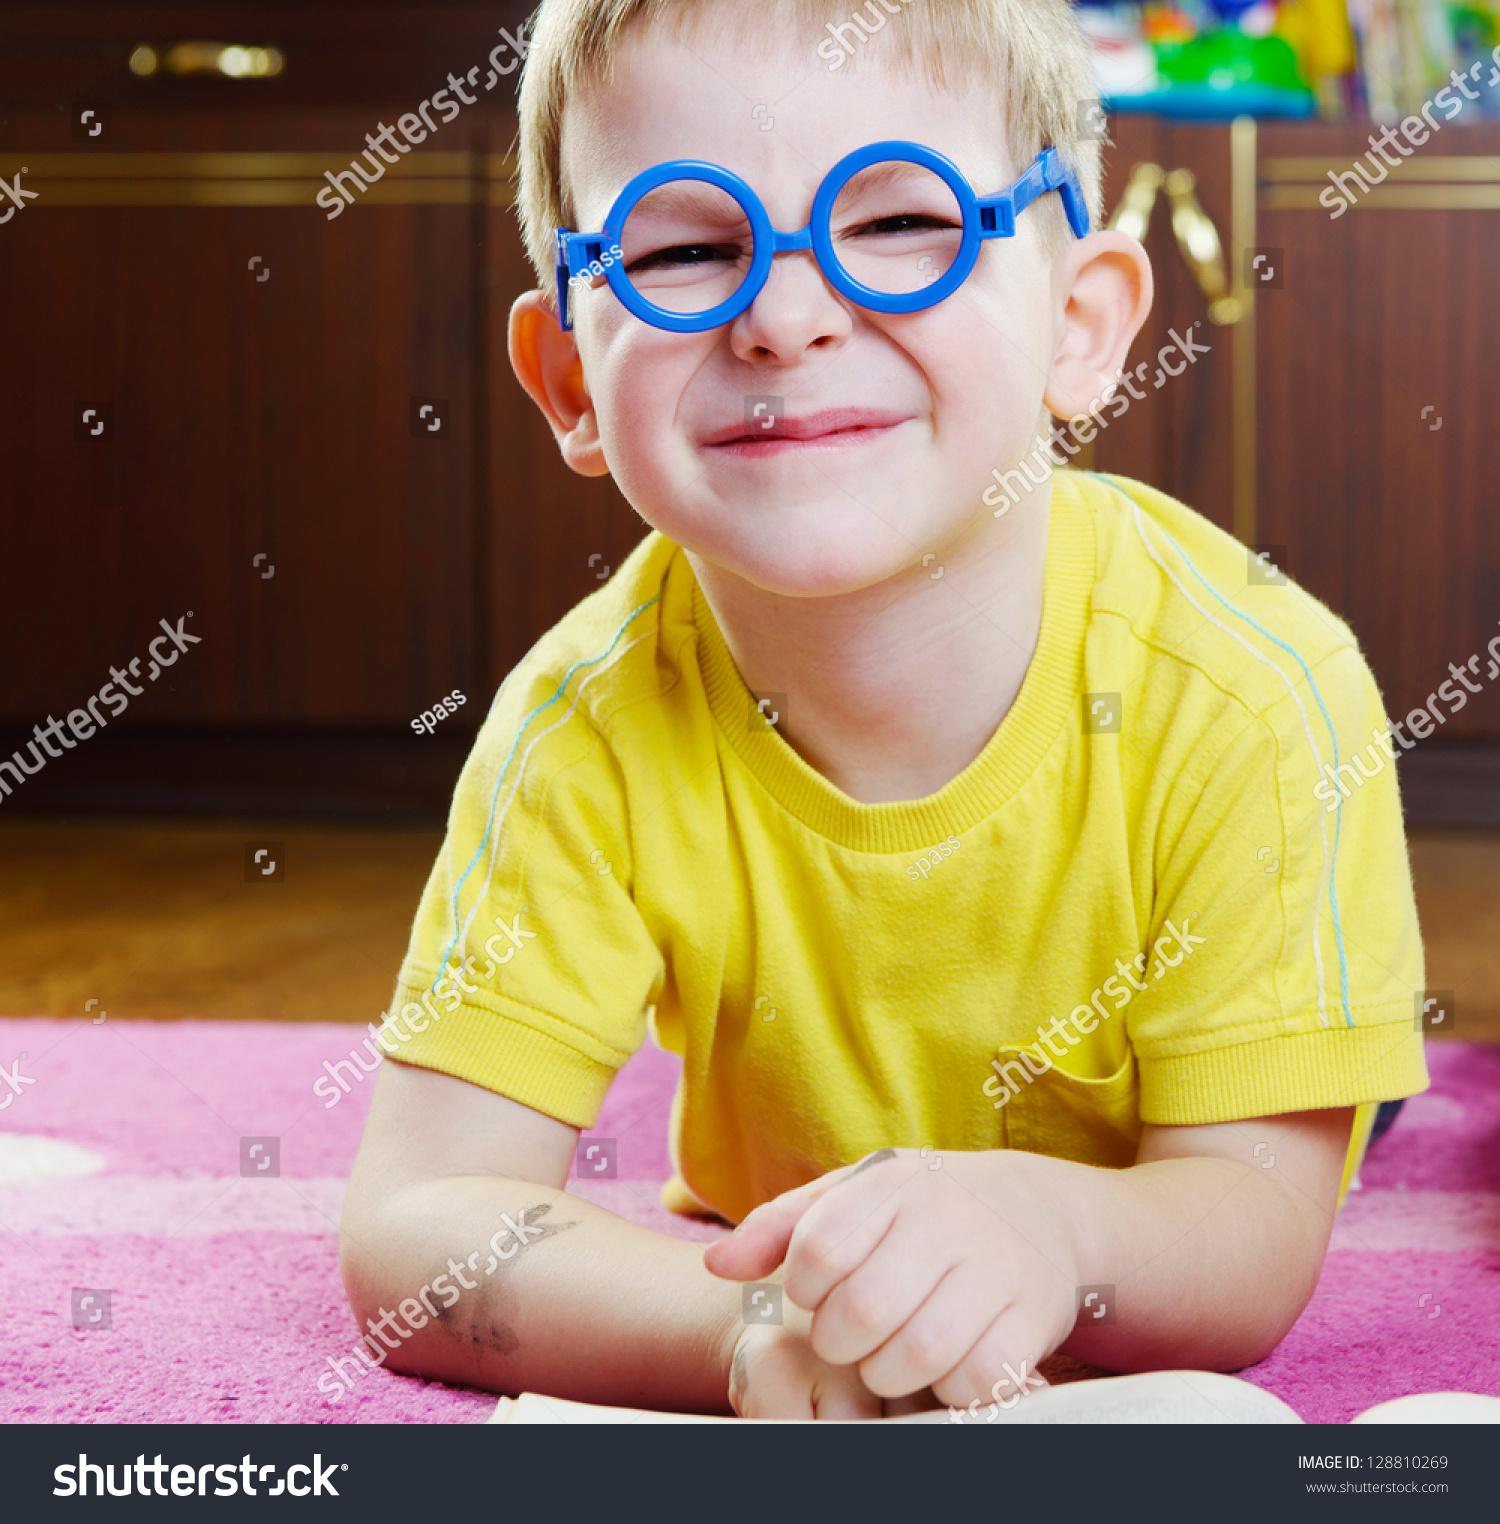 有趣的小男孩在眼镜躺在地板上-教育